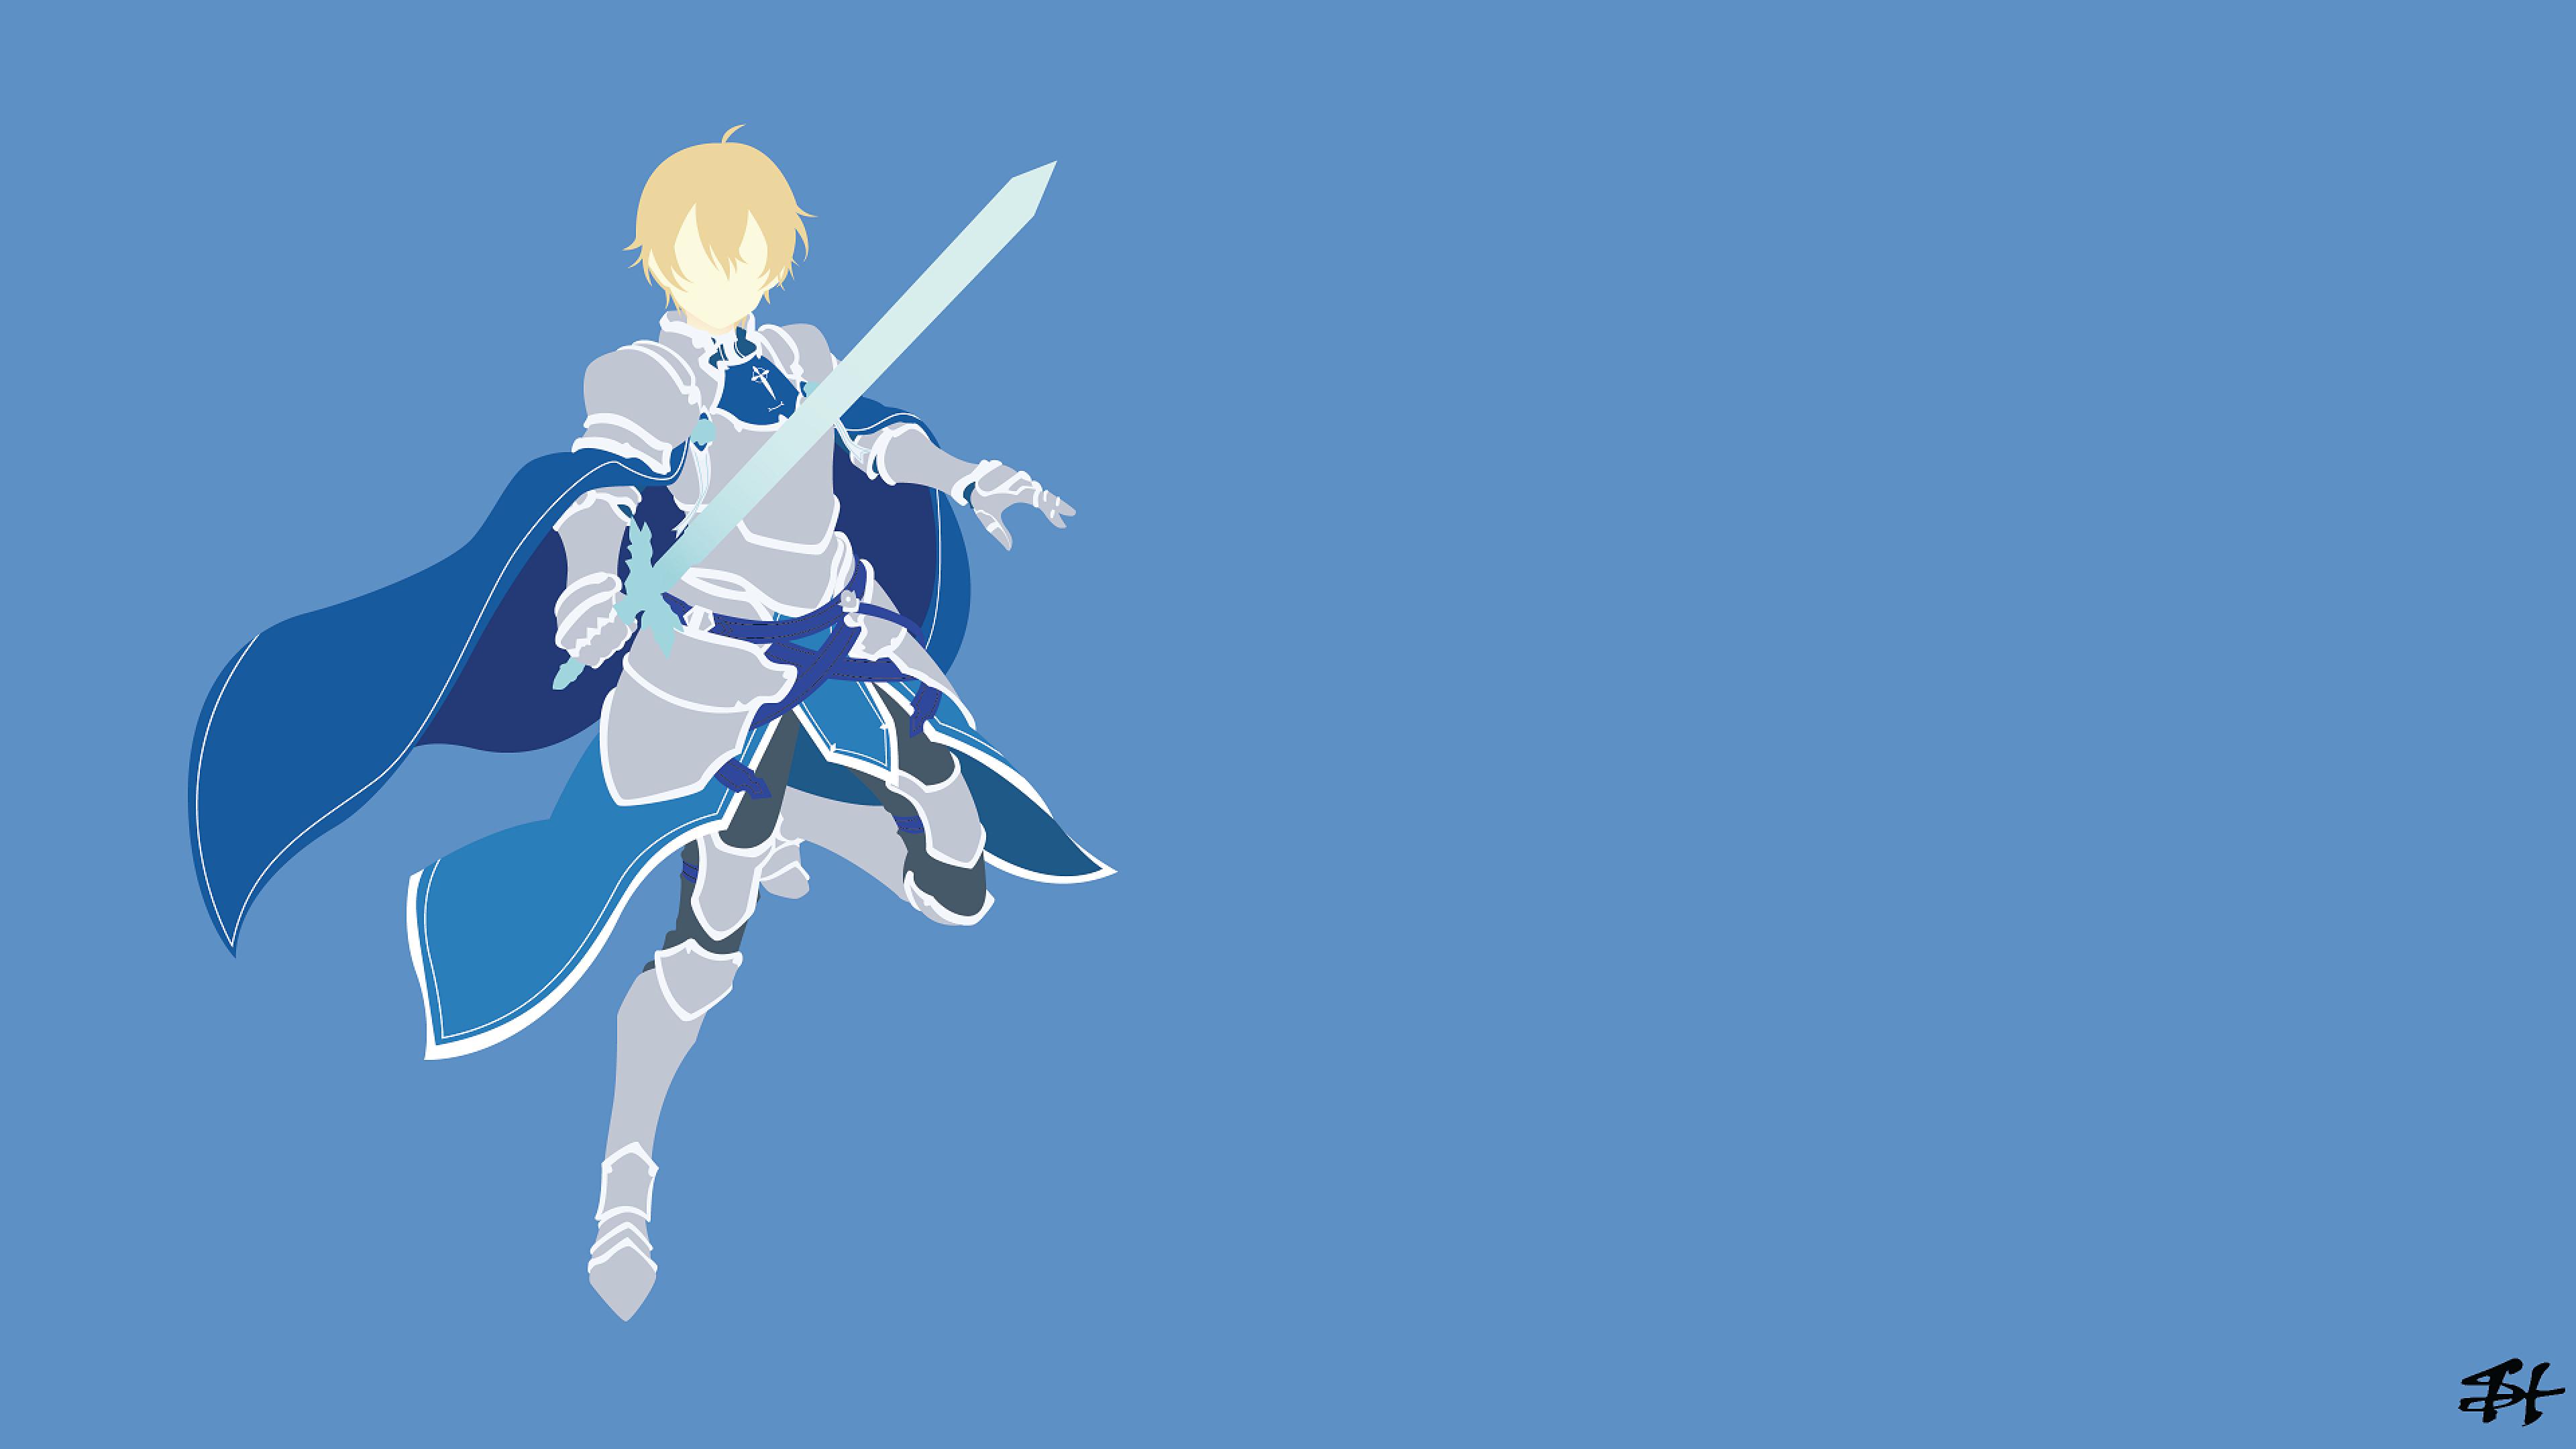 3840x2160 Sword Art Online Alicization Eugeo 4k Wallpaper